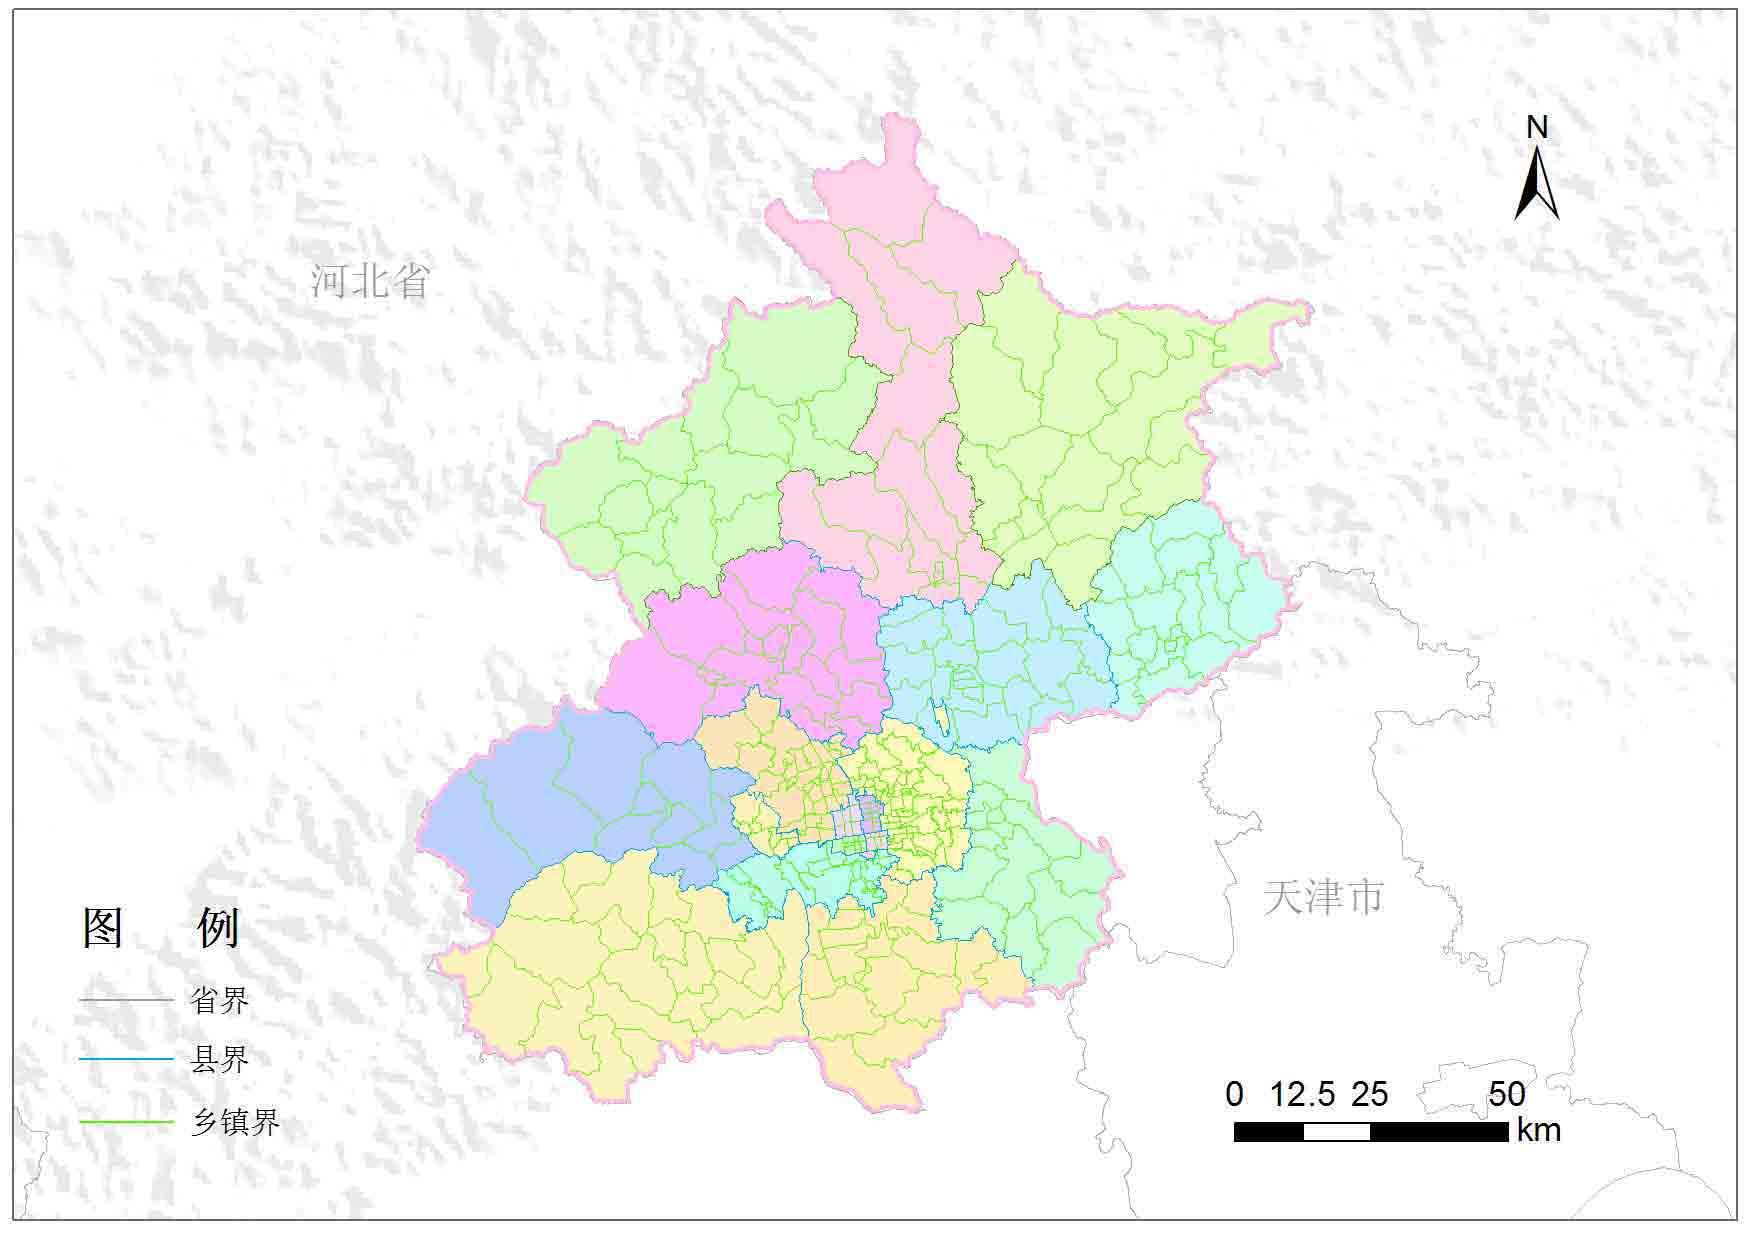 北京市乡镇行政区划-地图数据-地理国情监测云平台